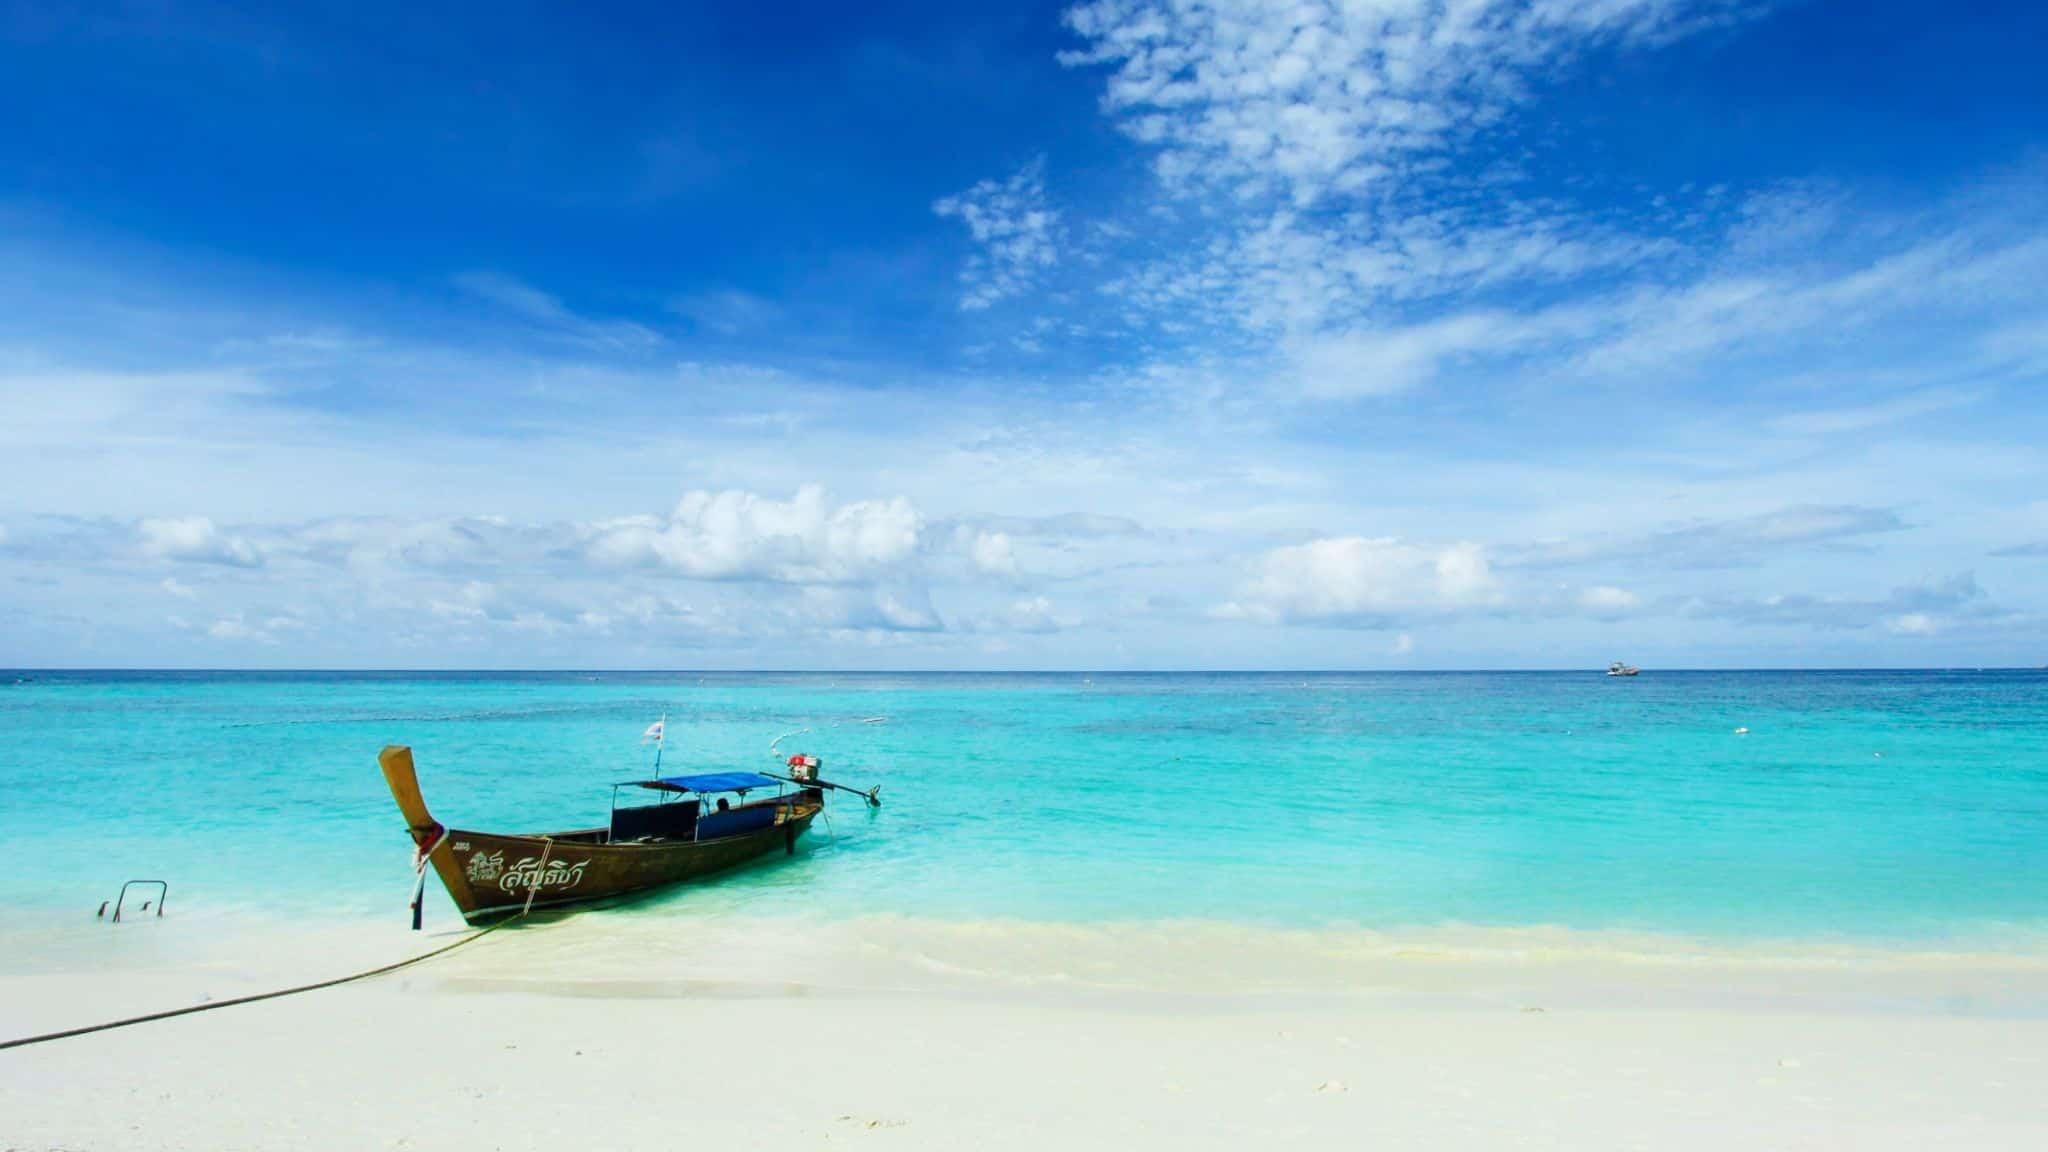 EXPIRÉ: Avion ET Hébergement pour TROIS SEMAINES à Bali pour 825$!